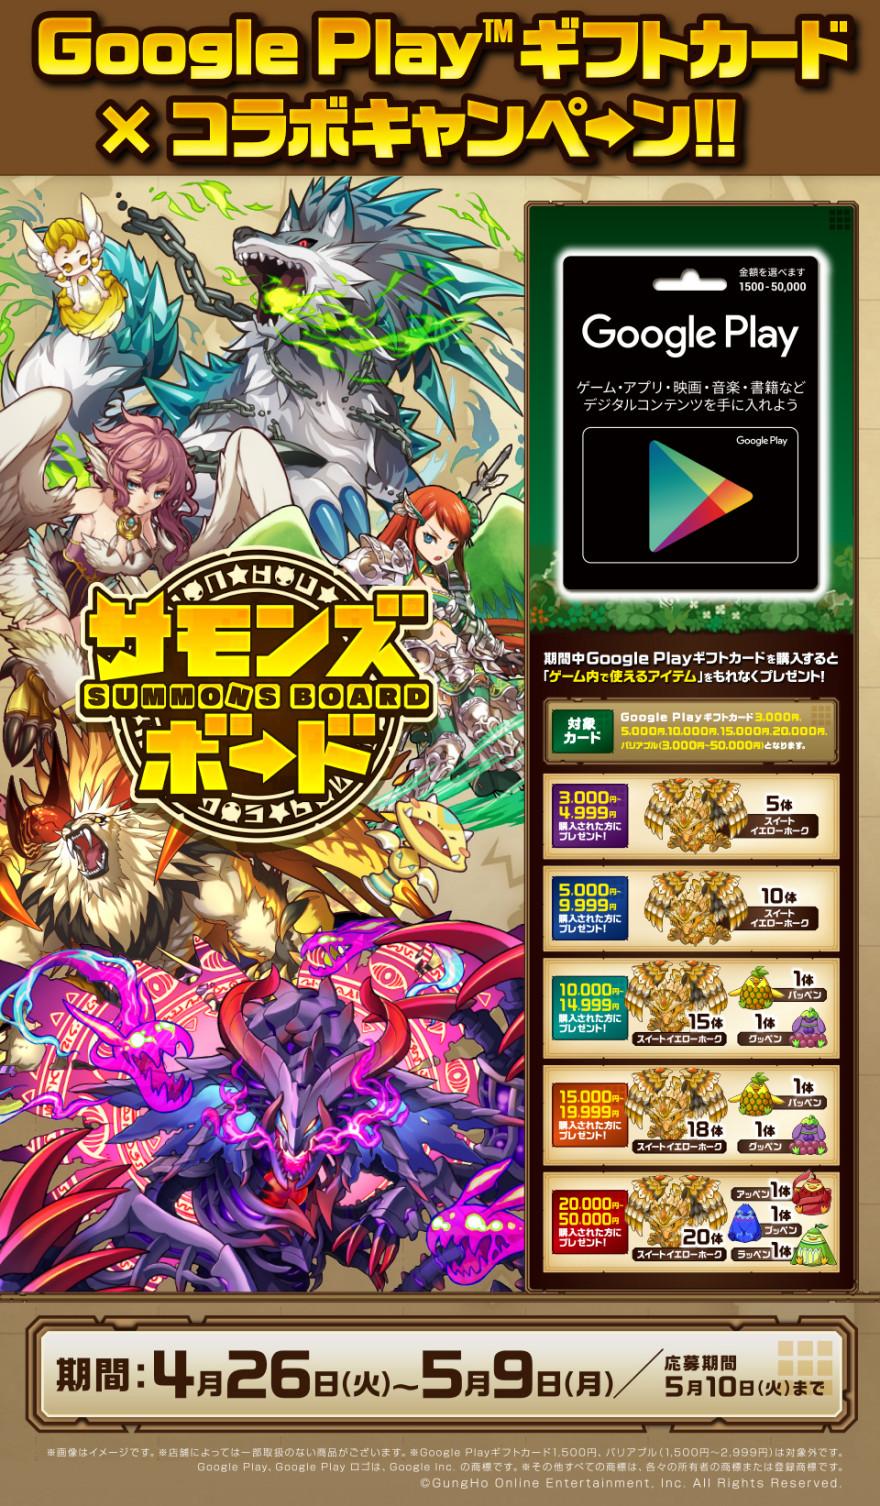 ゲオ / ドン・キホーテ Google Play × サモンズボードキャンペーン!お知らせ